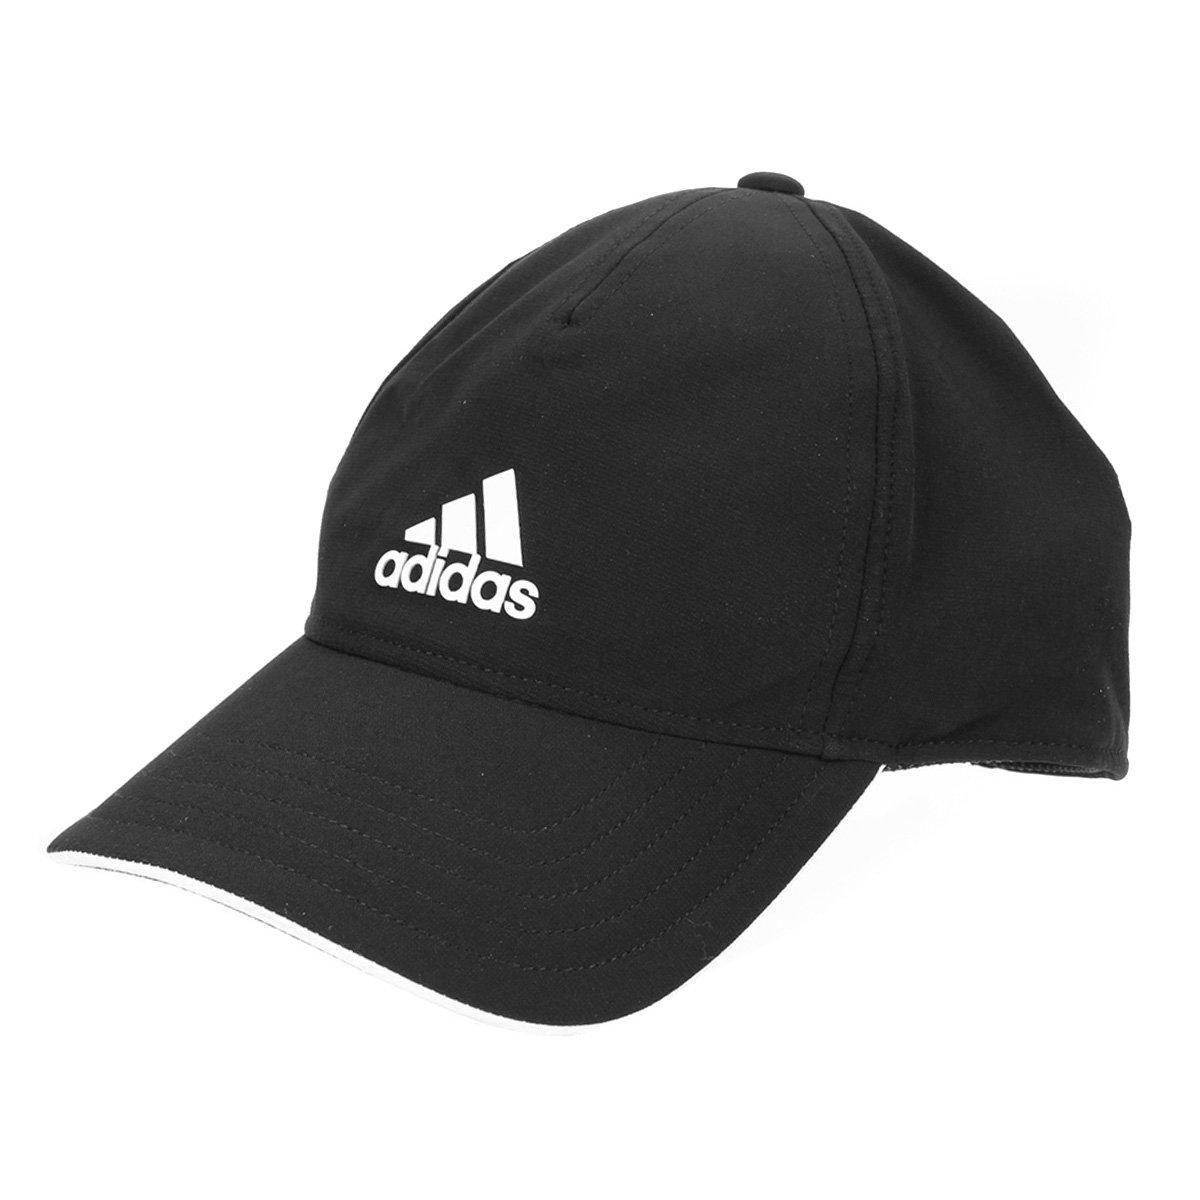 Boné Adidas Aba Curva Strapback c/ Proteção UV